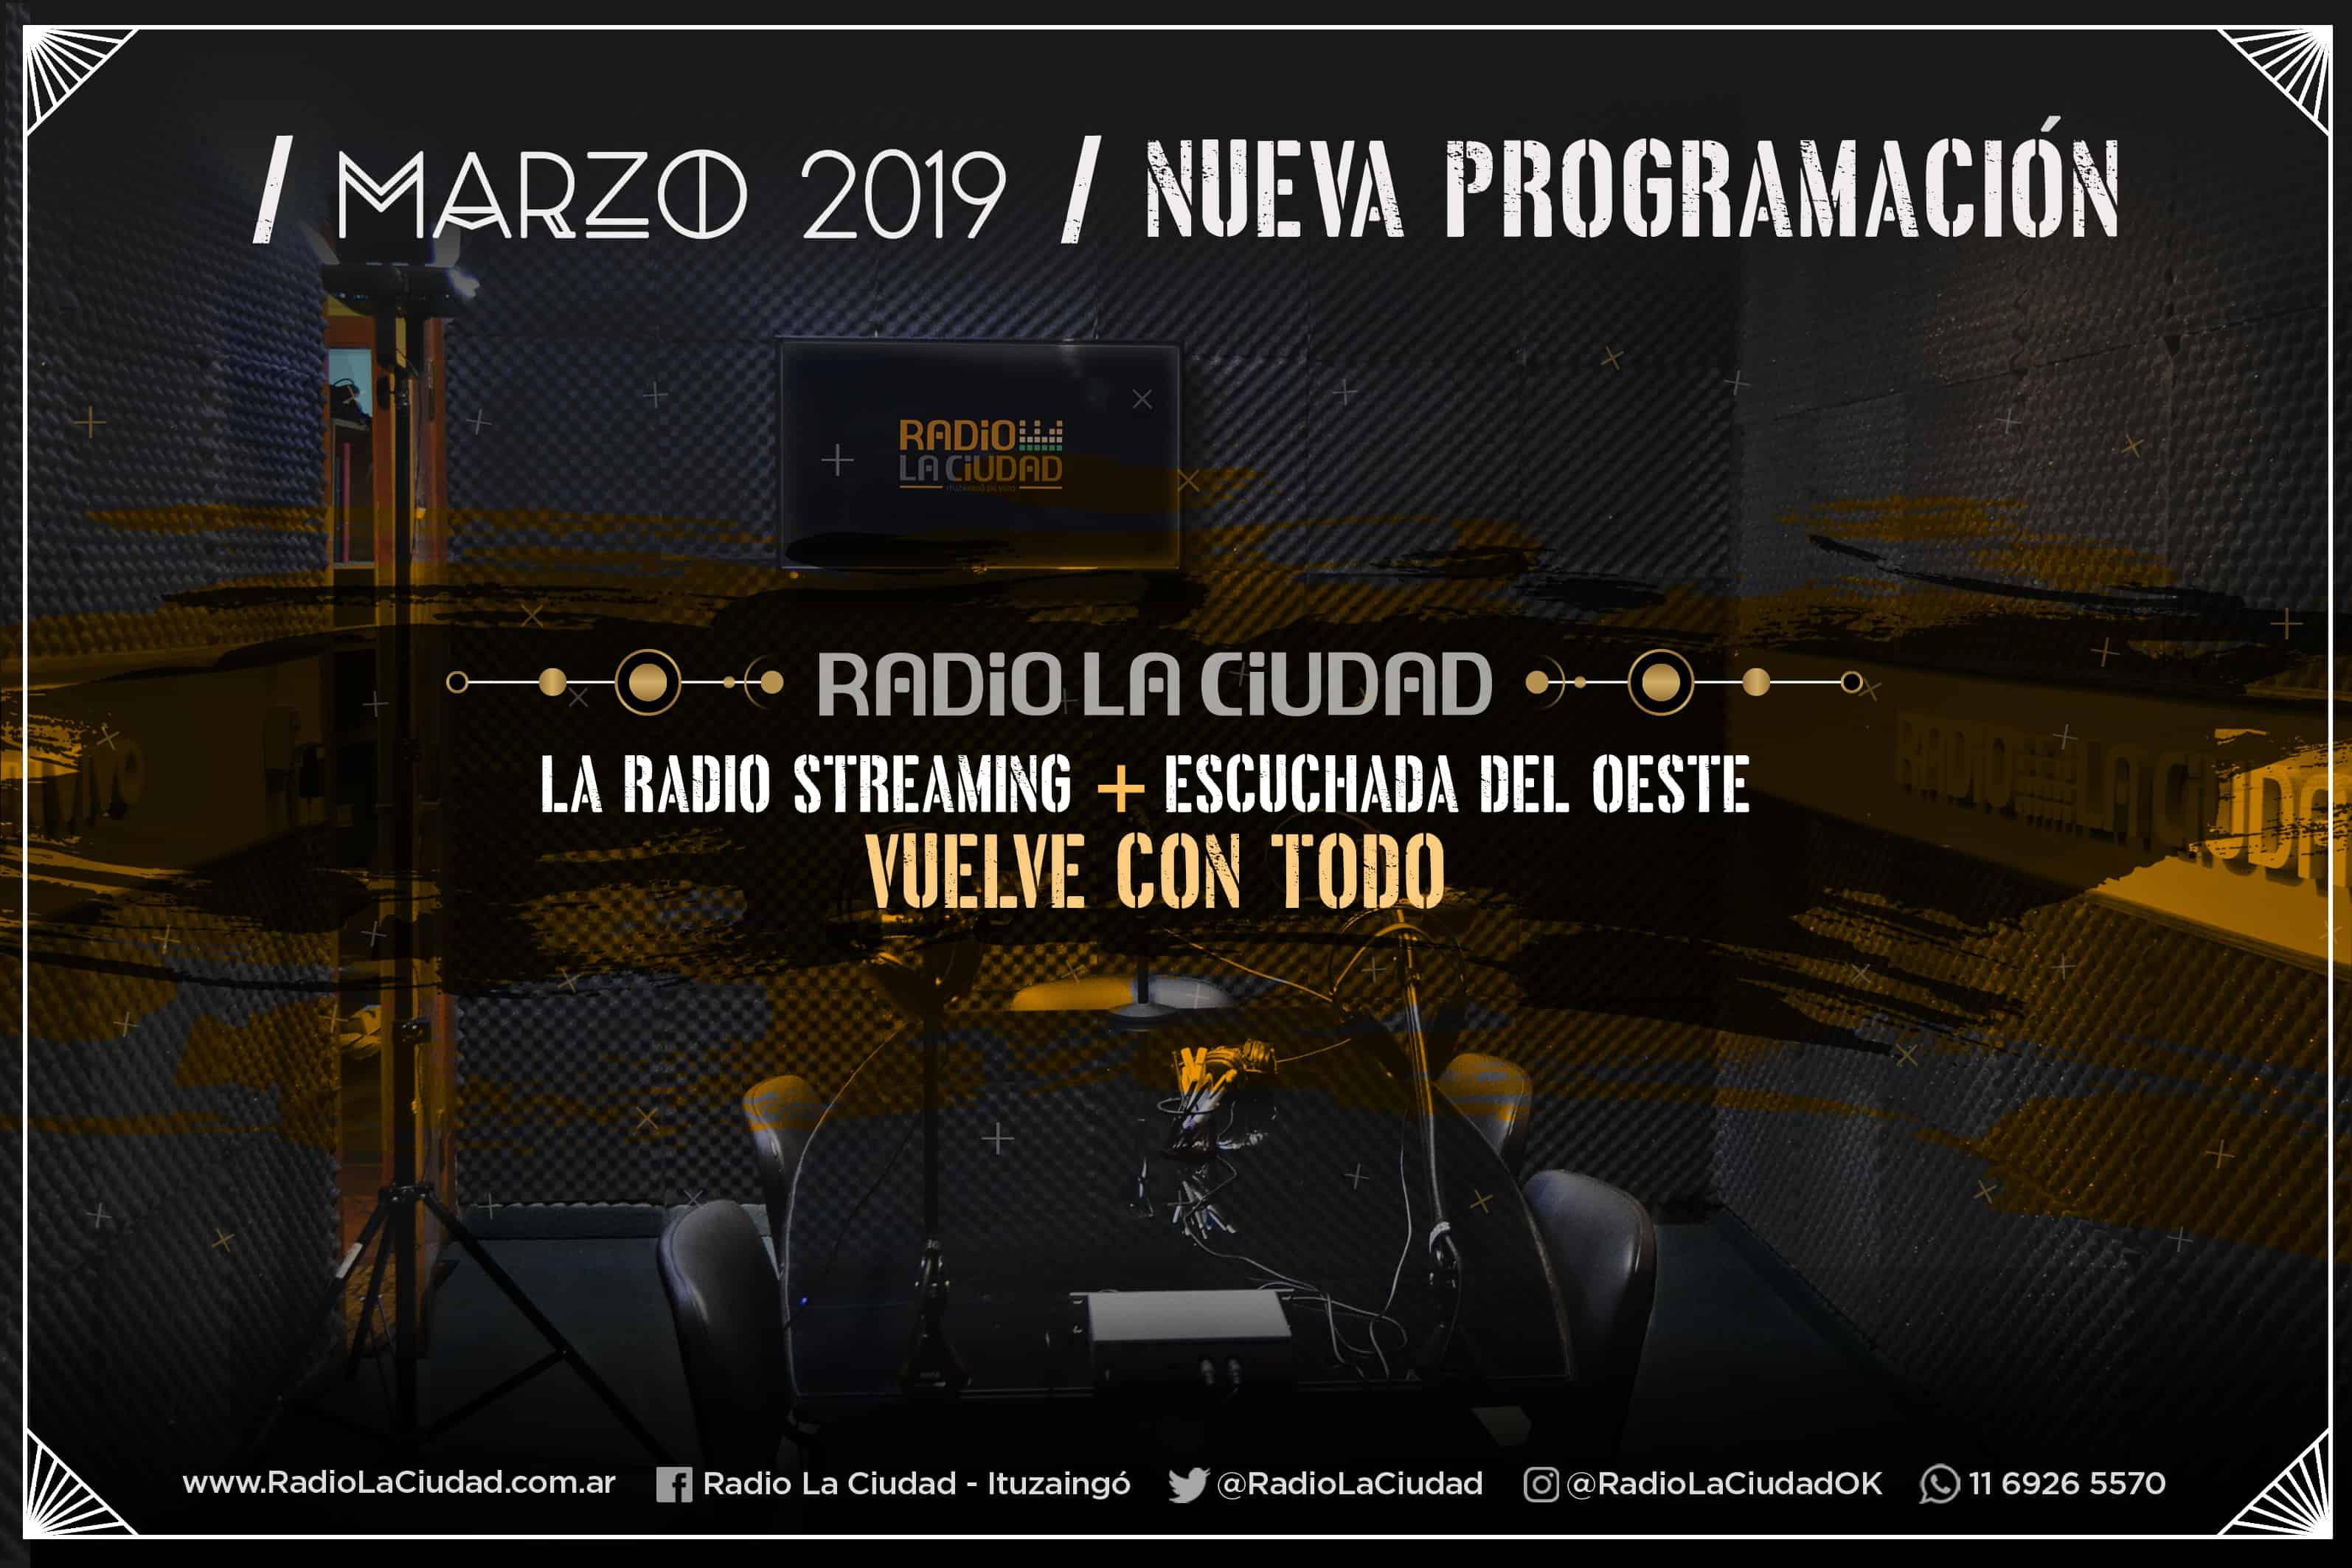 Radio La Ciudad, relanza su programación con el Rock como protagonista central